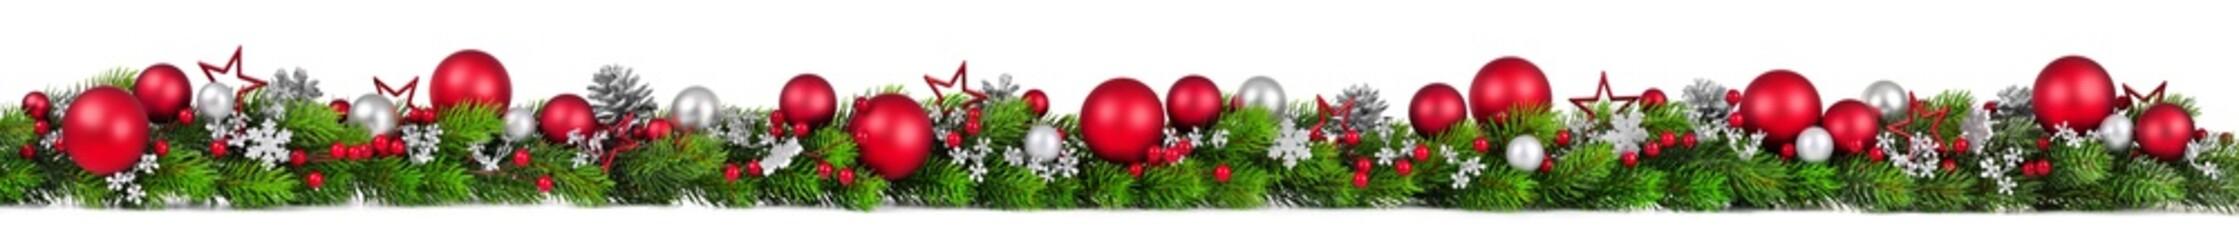 Weihnachten Bordüre, rot und silber geschmückte Girlande auf weiß, extra breit